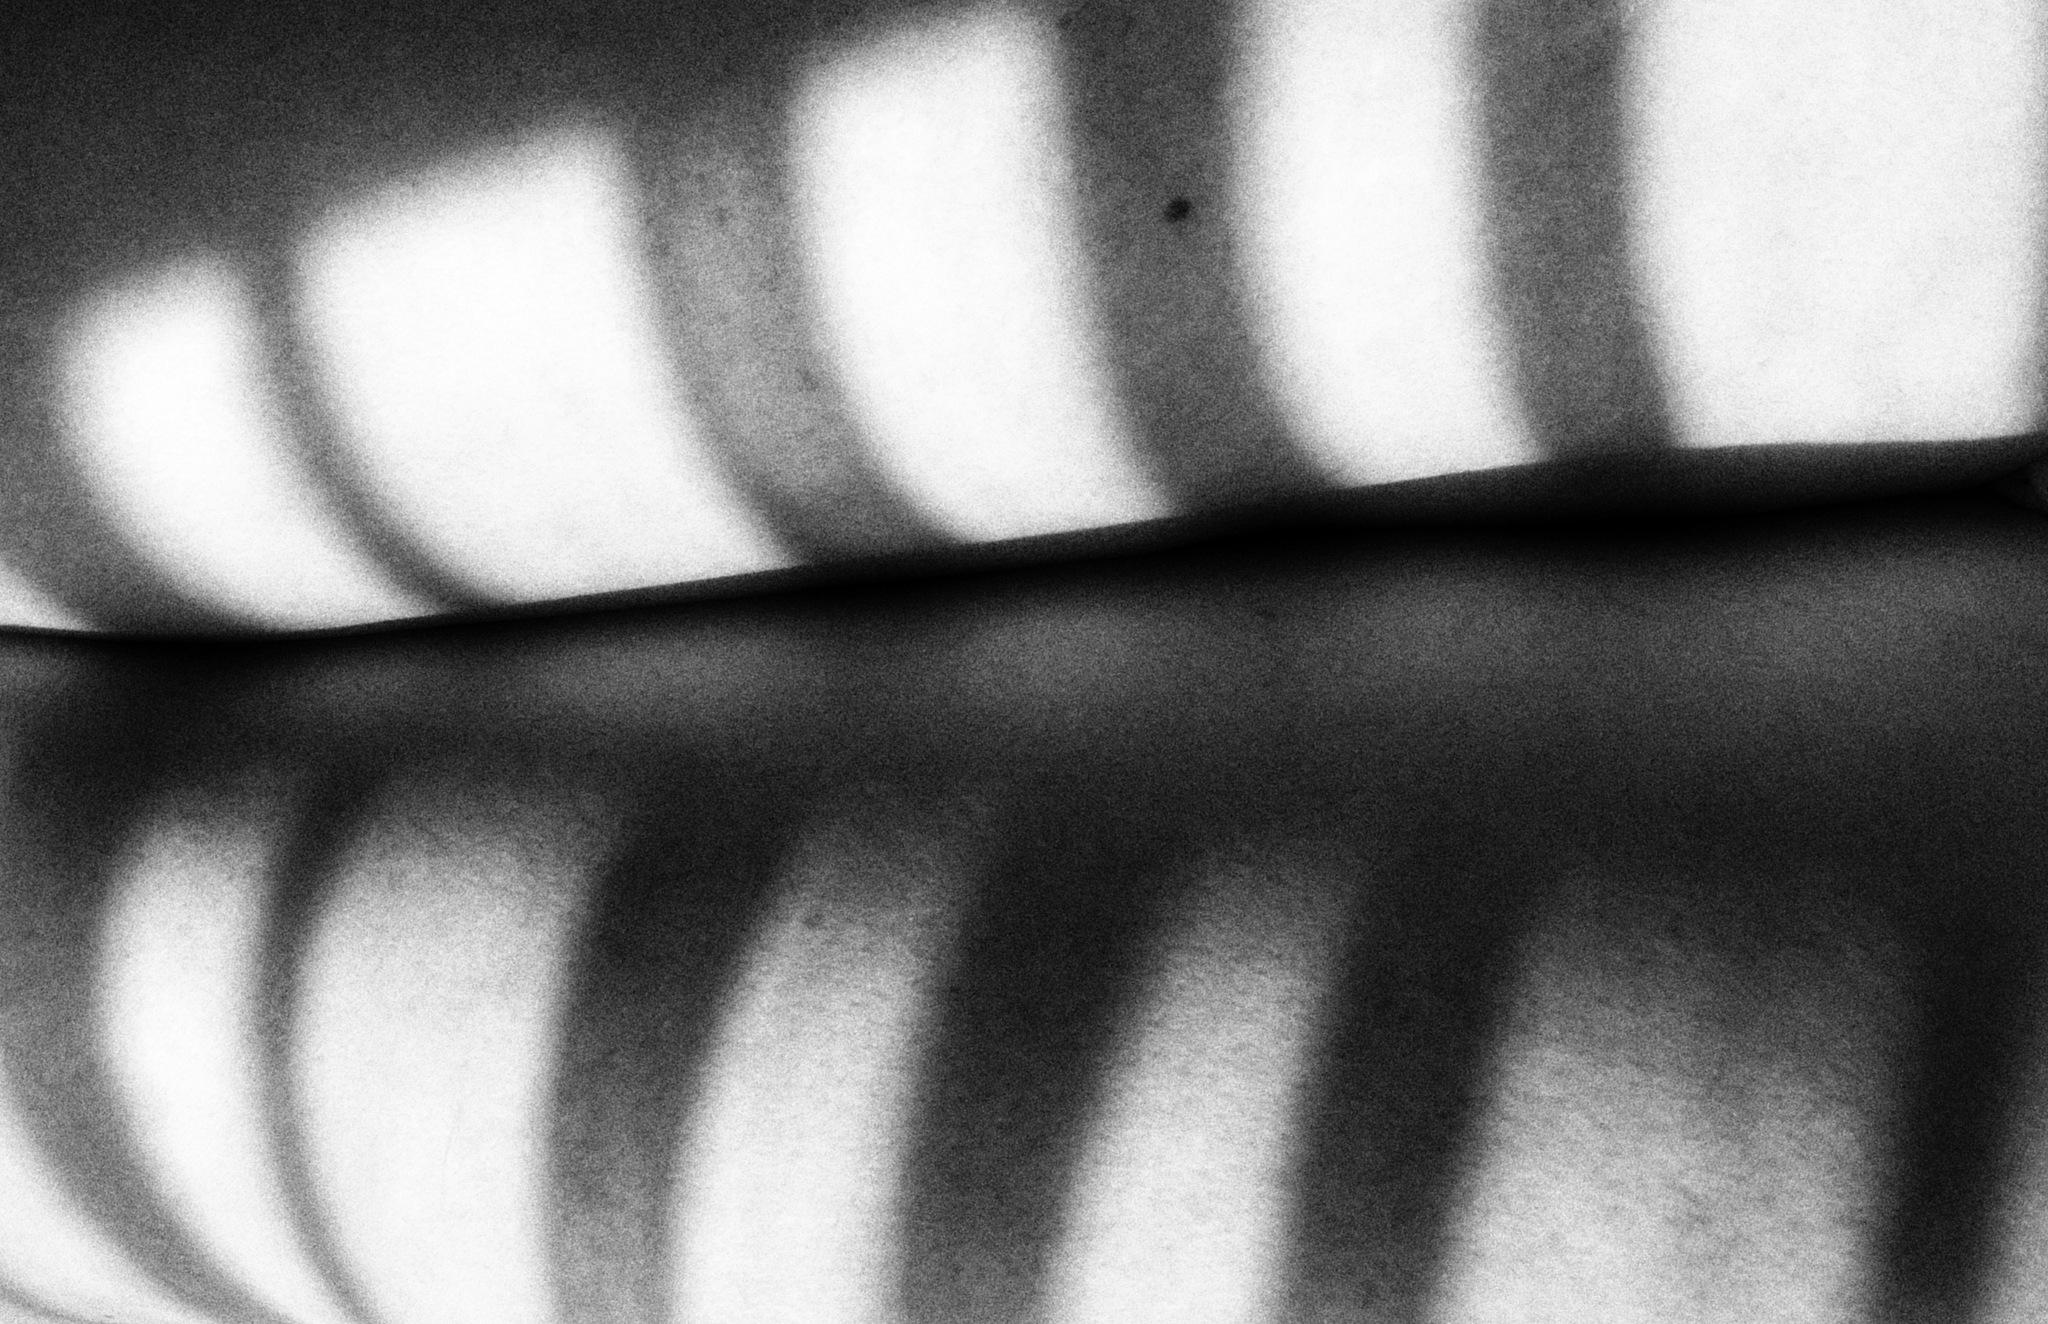 shadowselfie  by nesringungorkaratas